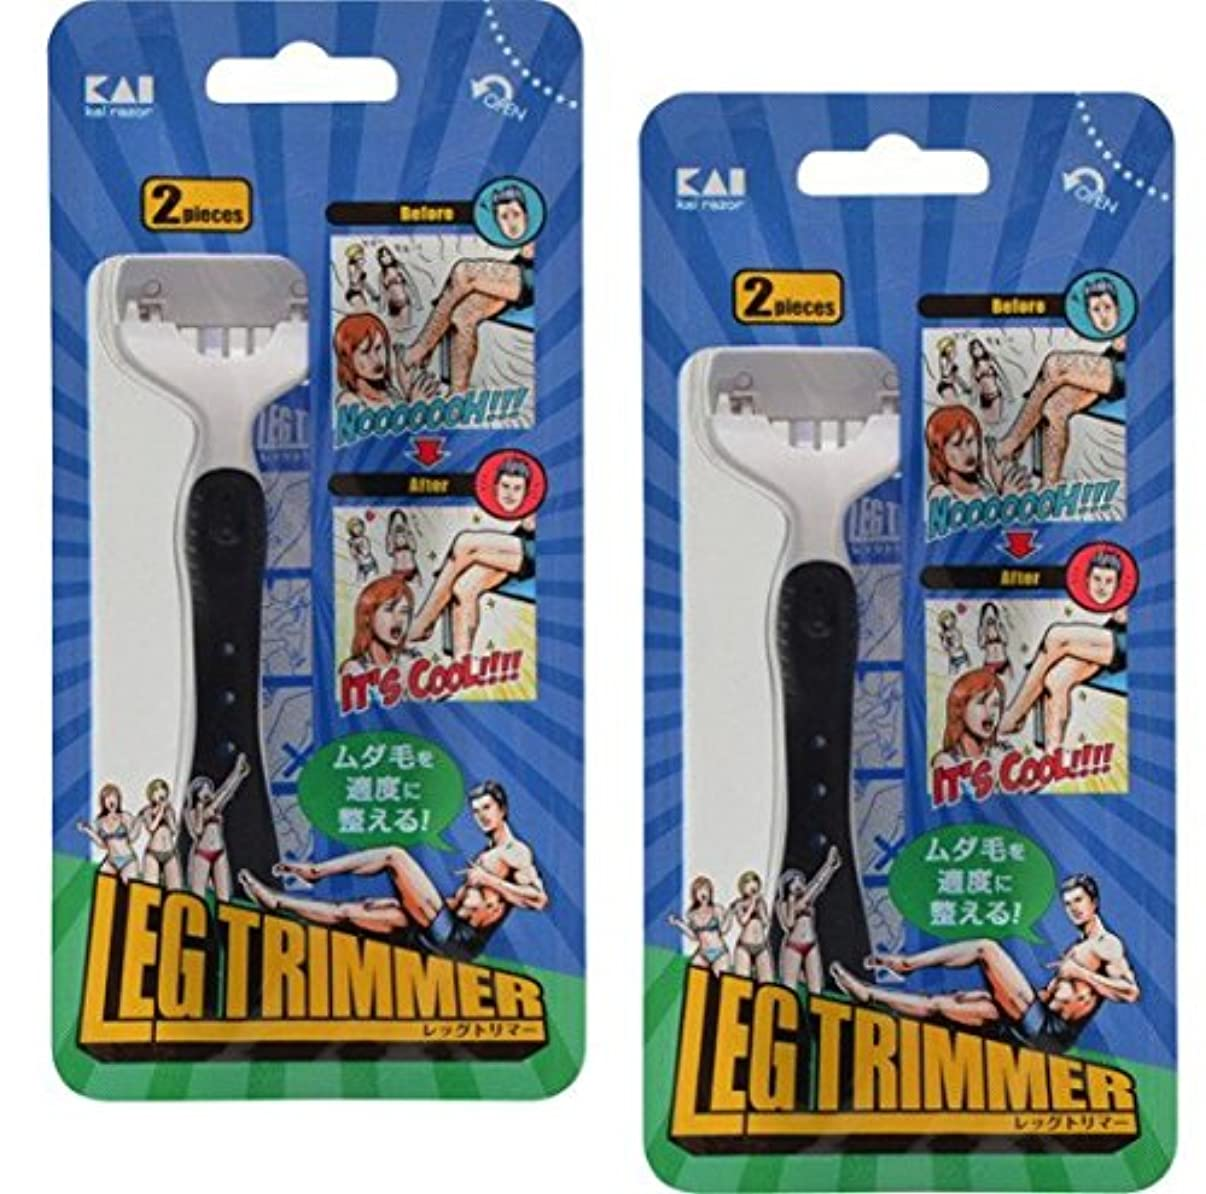 処理投げ捨てる北西LEG TRIMMER レッグトリマー (むだ毛を適度に整えるカミソリ)2本入 2セット